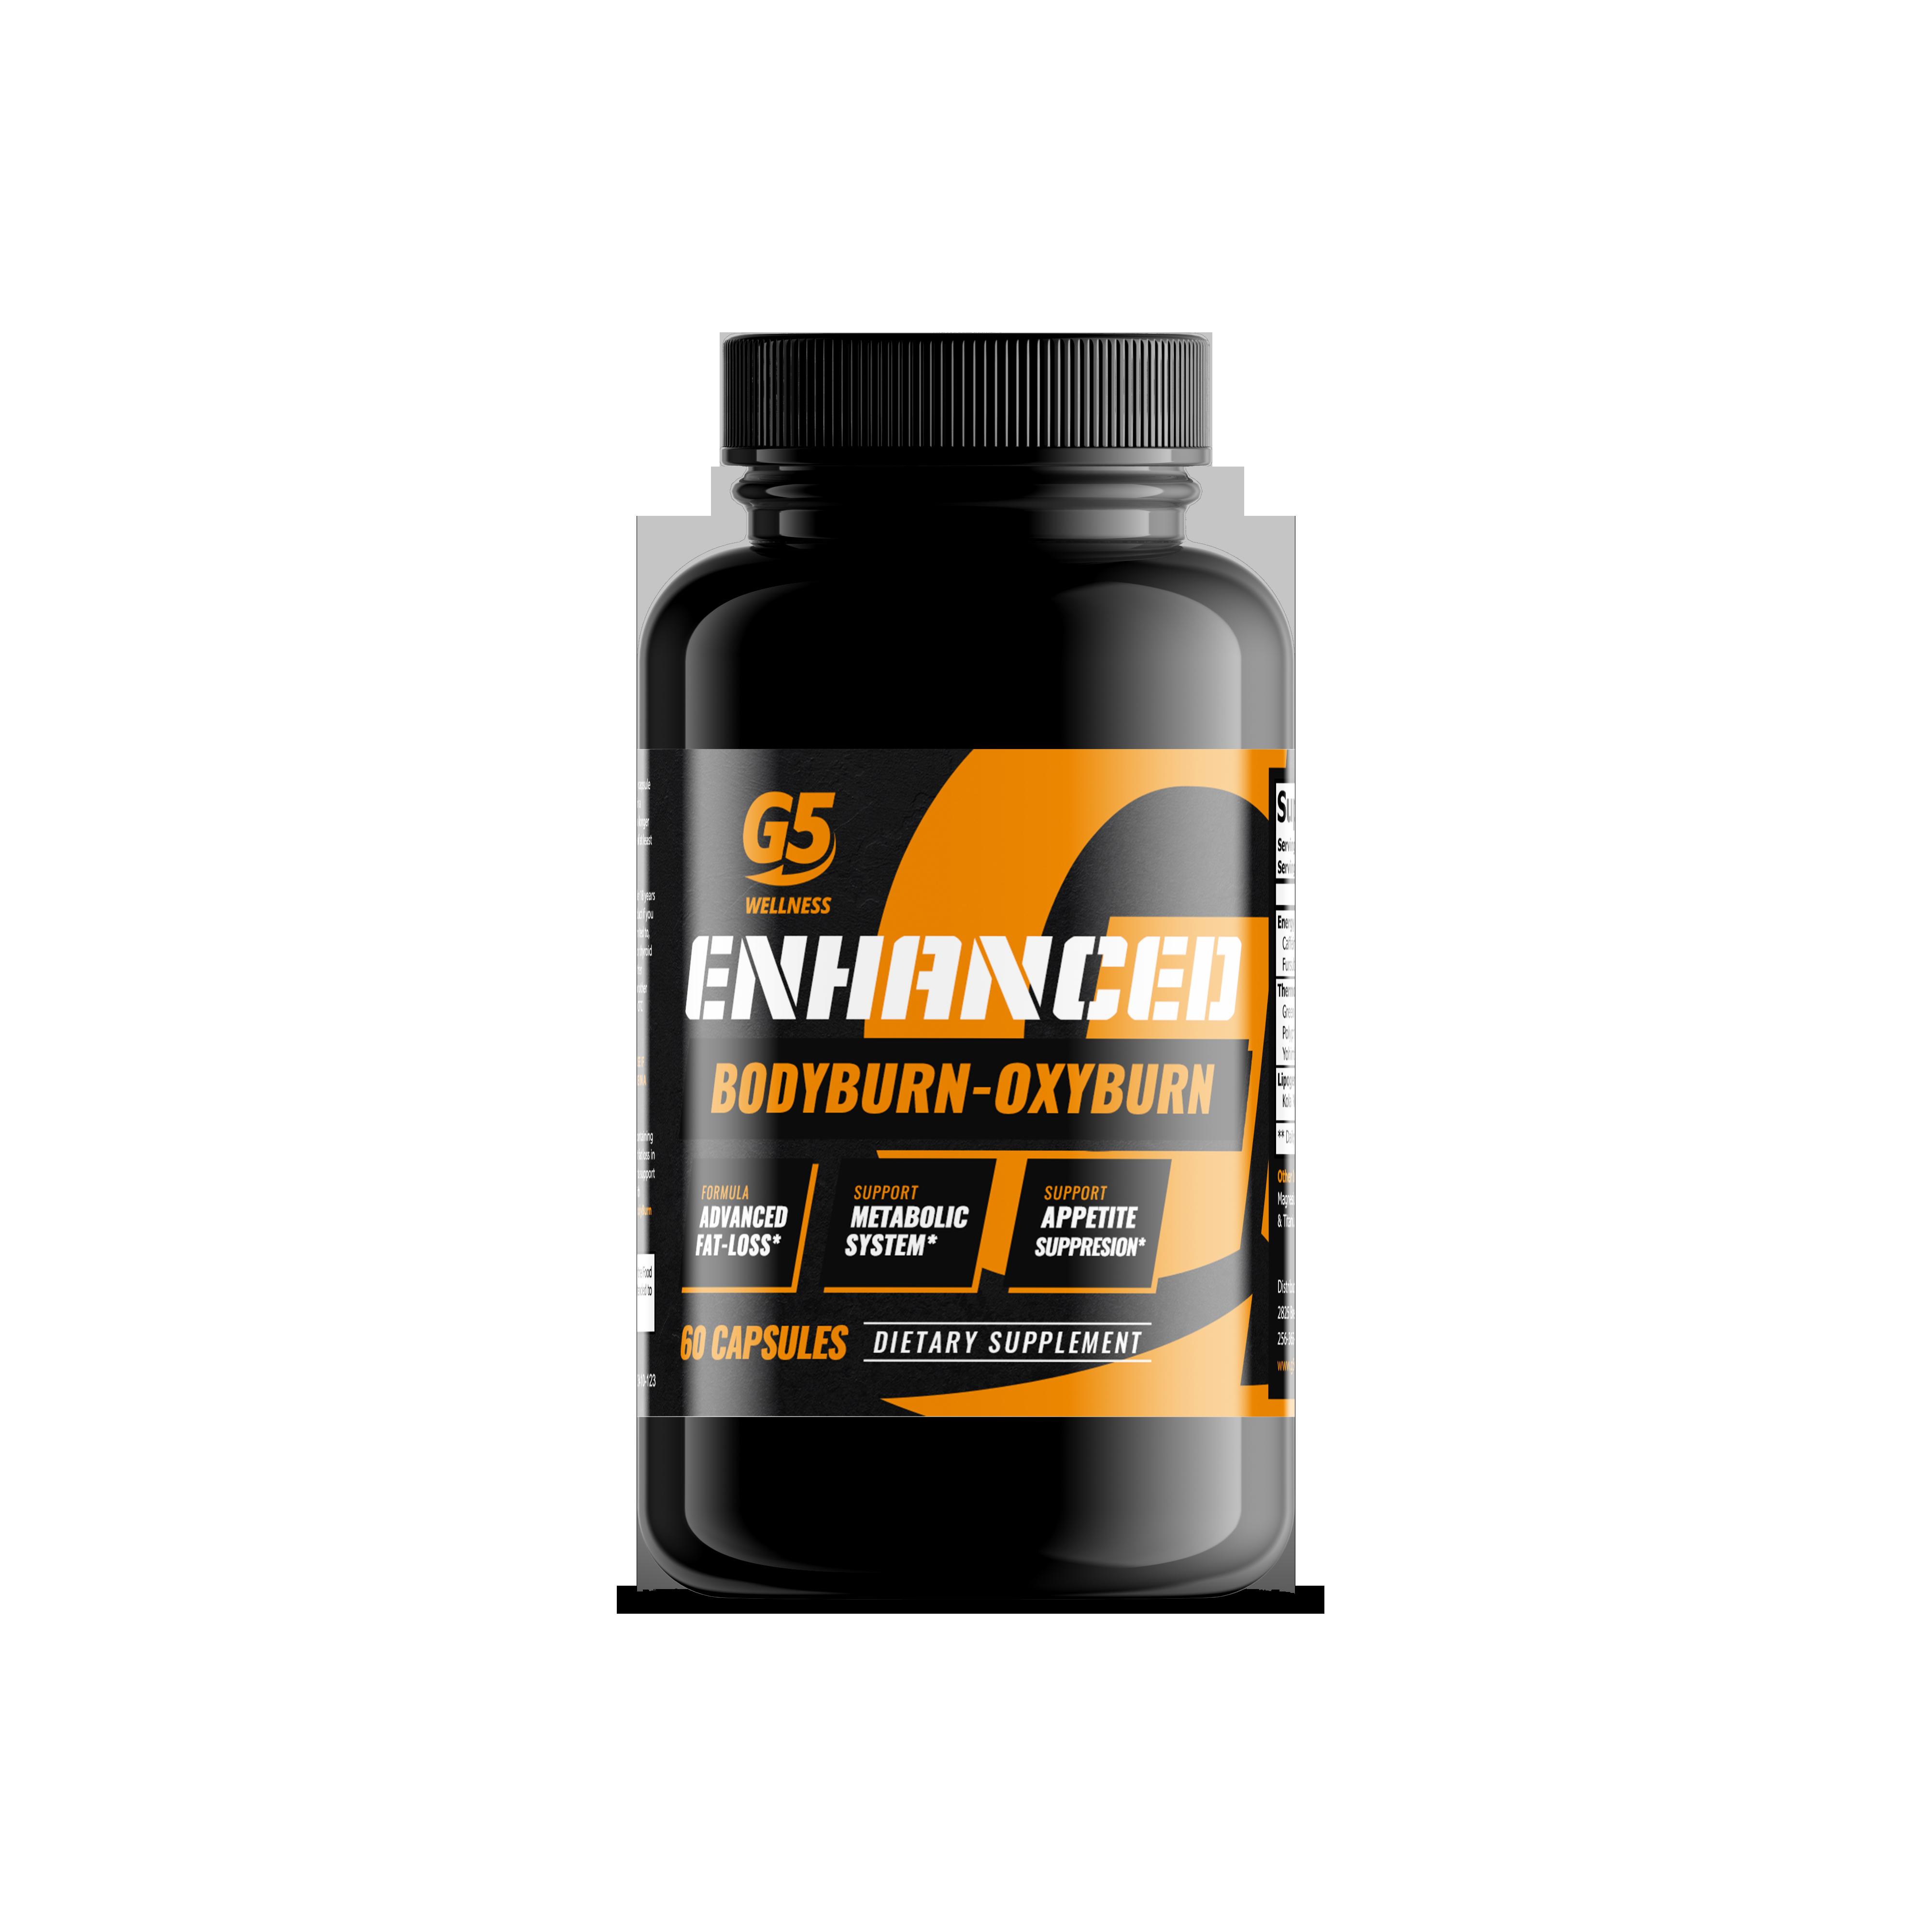 G5 Enhanced BodyBurn-OxyBurn